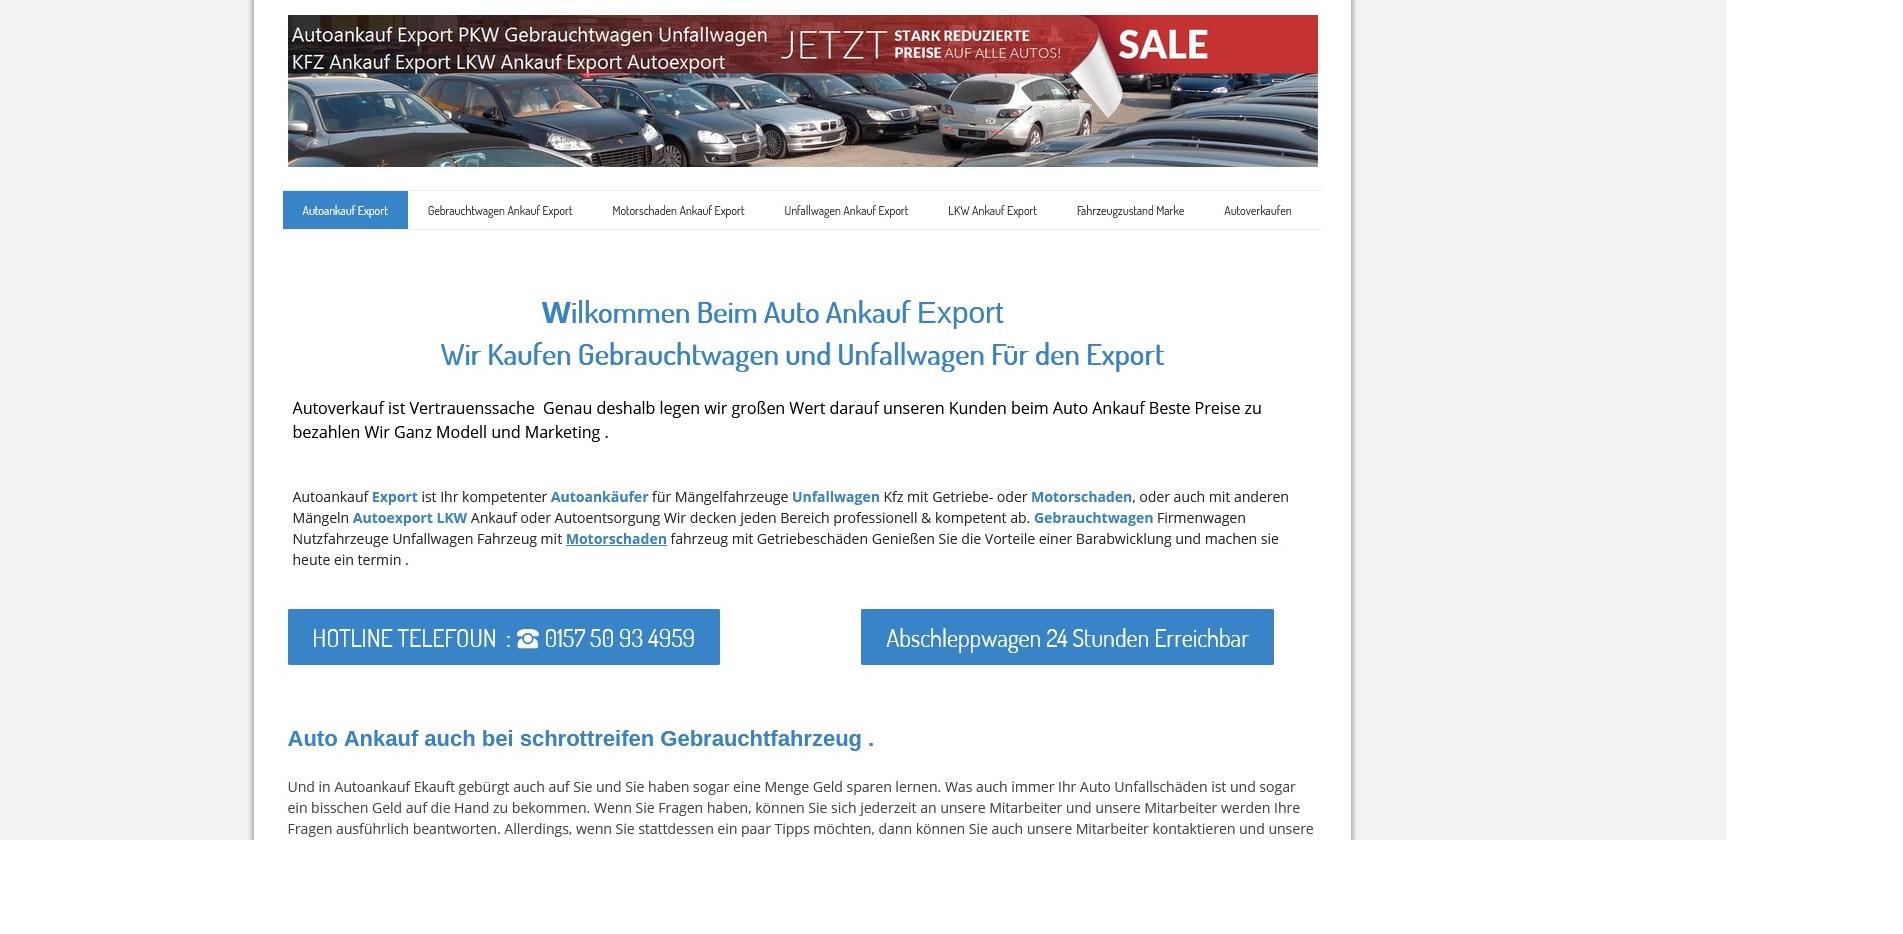 serioeser autoankauf tuebingen mit autobewertung auch fuer unfallfahrzeuge - Seriöser Autoankauf Tübingen mit Autobewertung auch für Unfallfahrzeuge